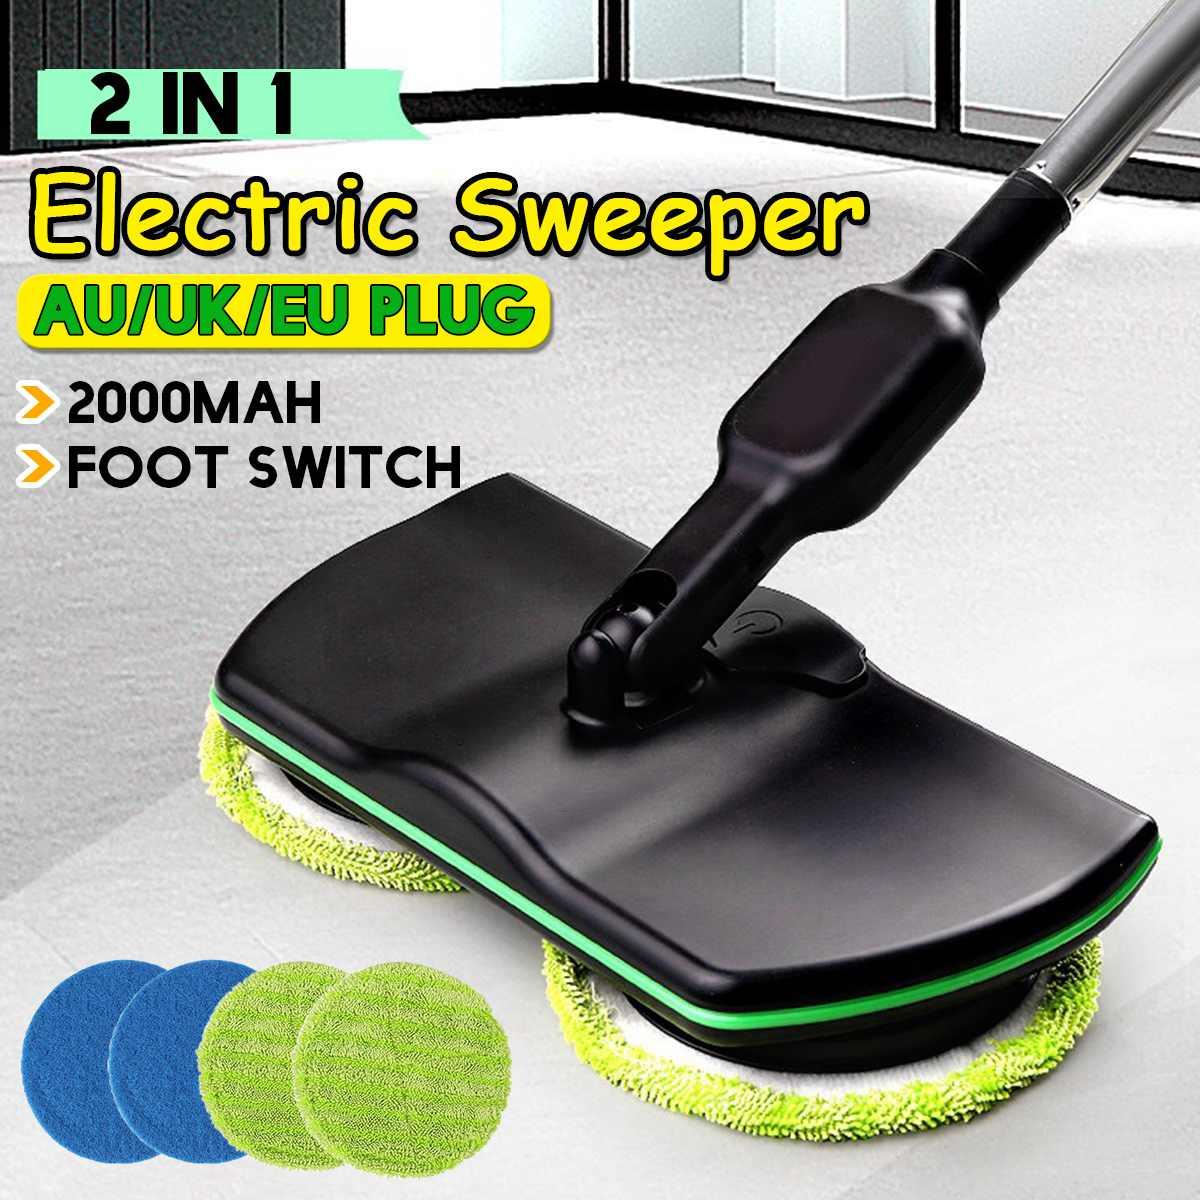 Nettoyeur de sol sans fil à Rotation, balai électrique 2 en 1 Rechargeable à 360 Rotation, nettoyeur de sol sans fil, polisseuse, balai de nettoyage en microfibre pour la maison